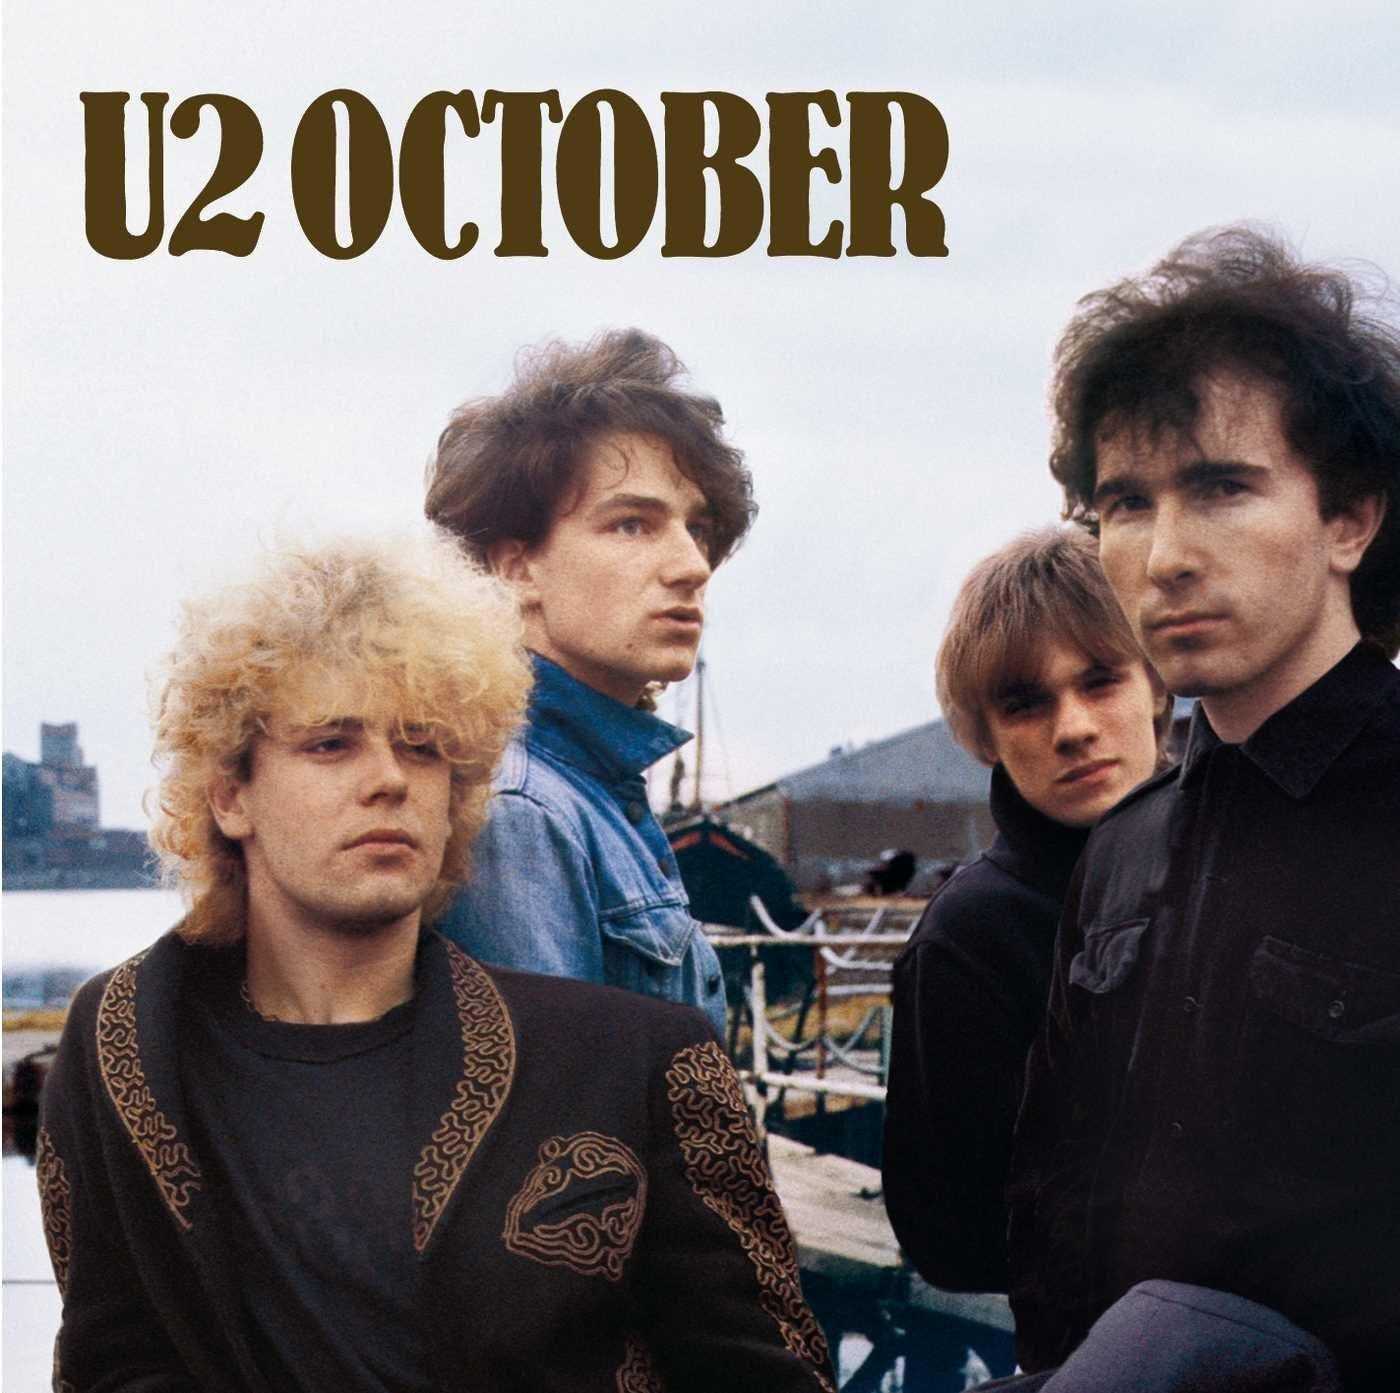 Resultado de imagen de u2 october portada